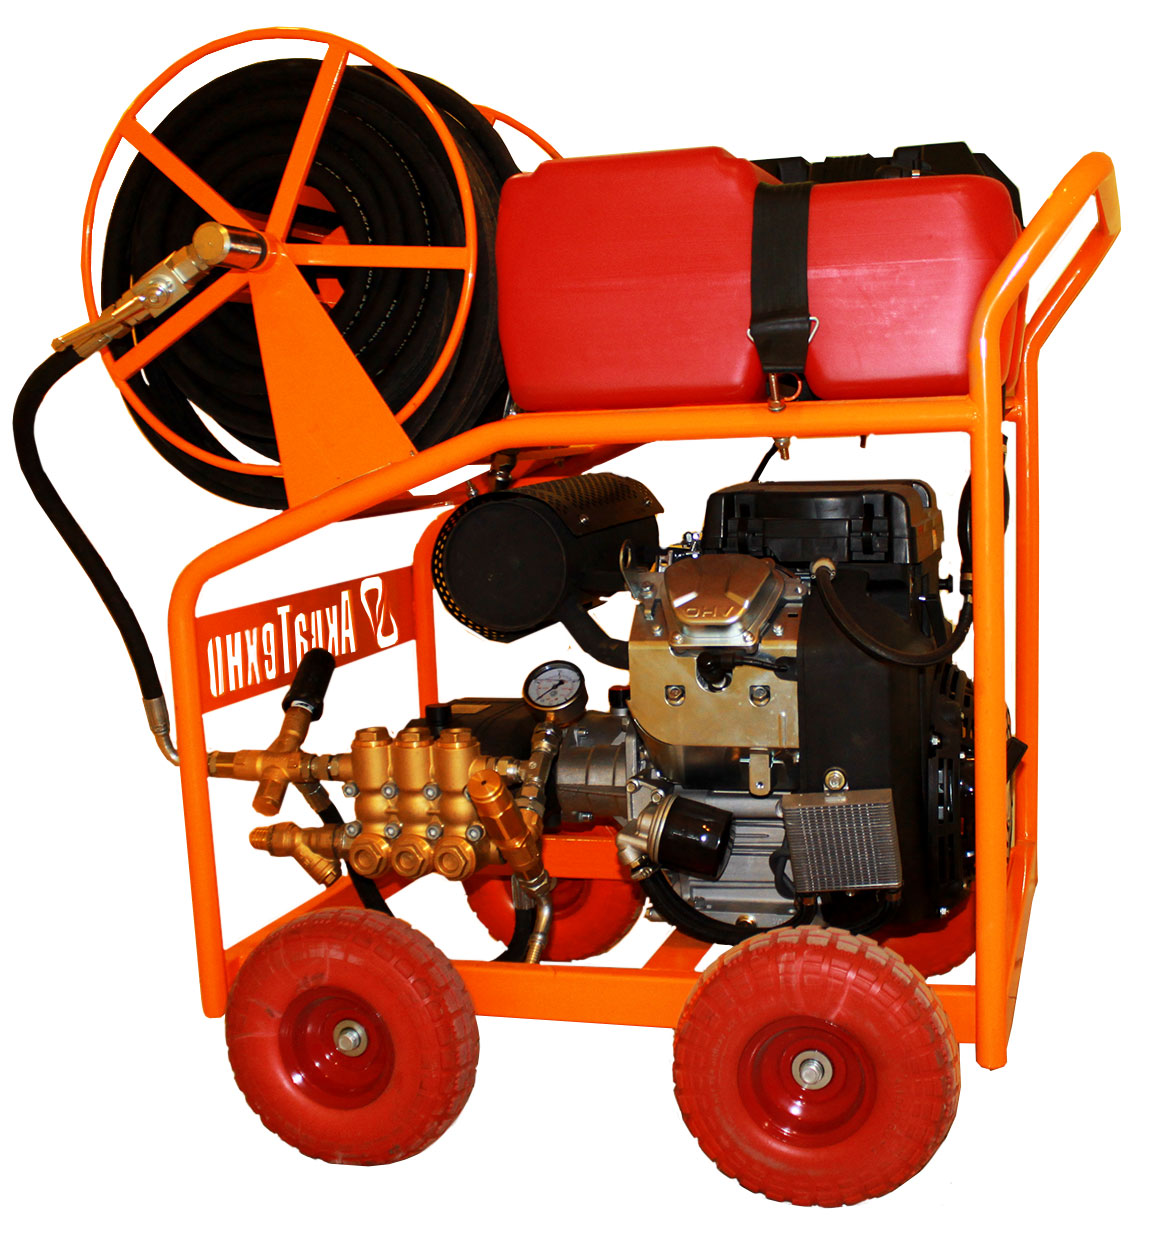 Оборудование (АВД) для промывки и прочистки канализации и других труб